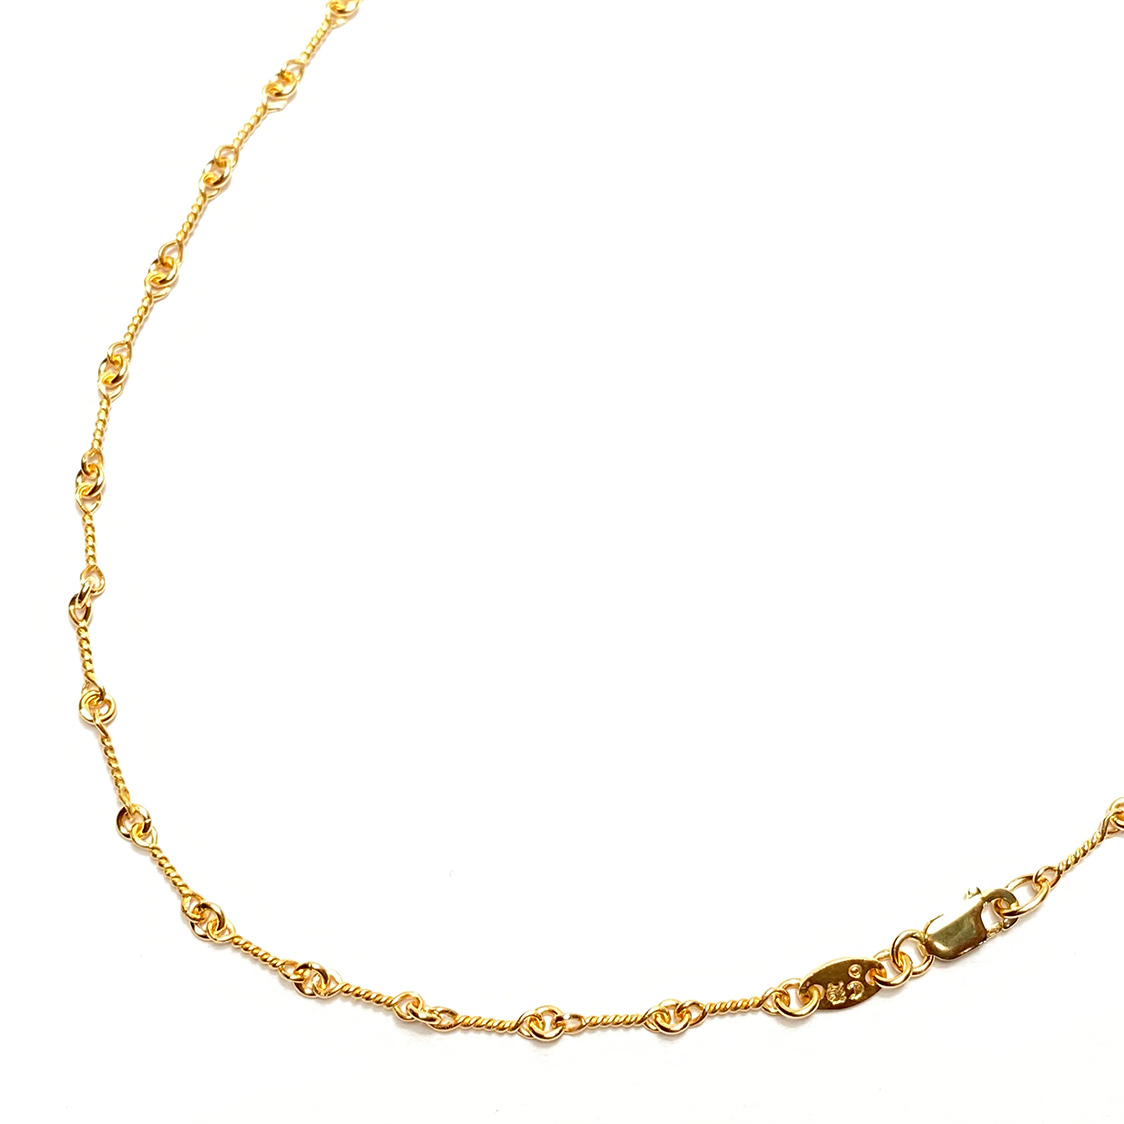 クロムハーツ CHROME HEARTS 22K ツイストチェーン 20インチ ネックレス ゴールド 約50.8cm